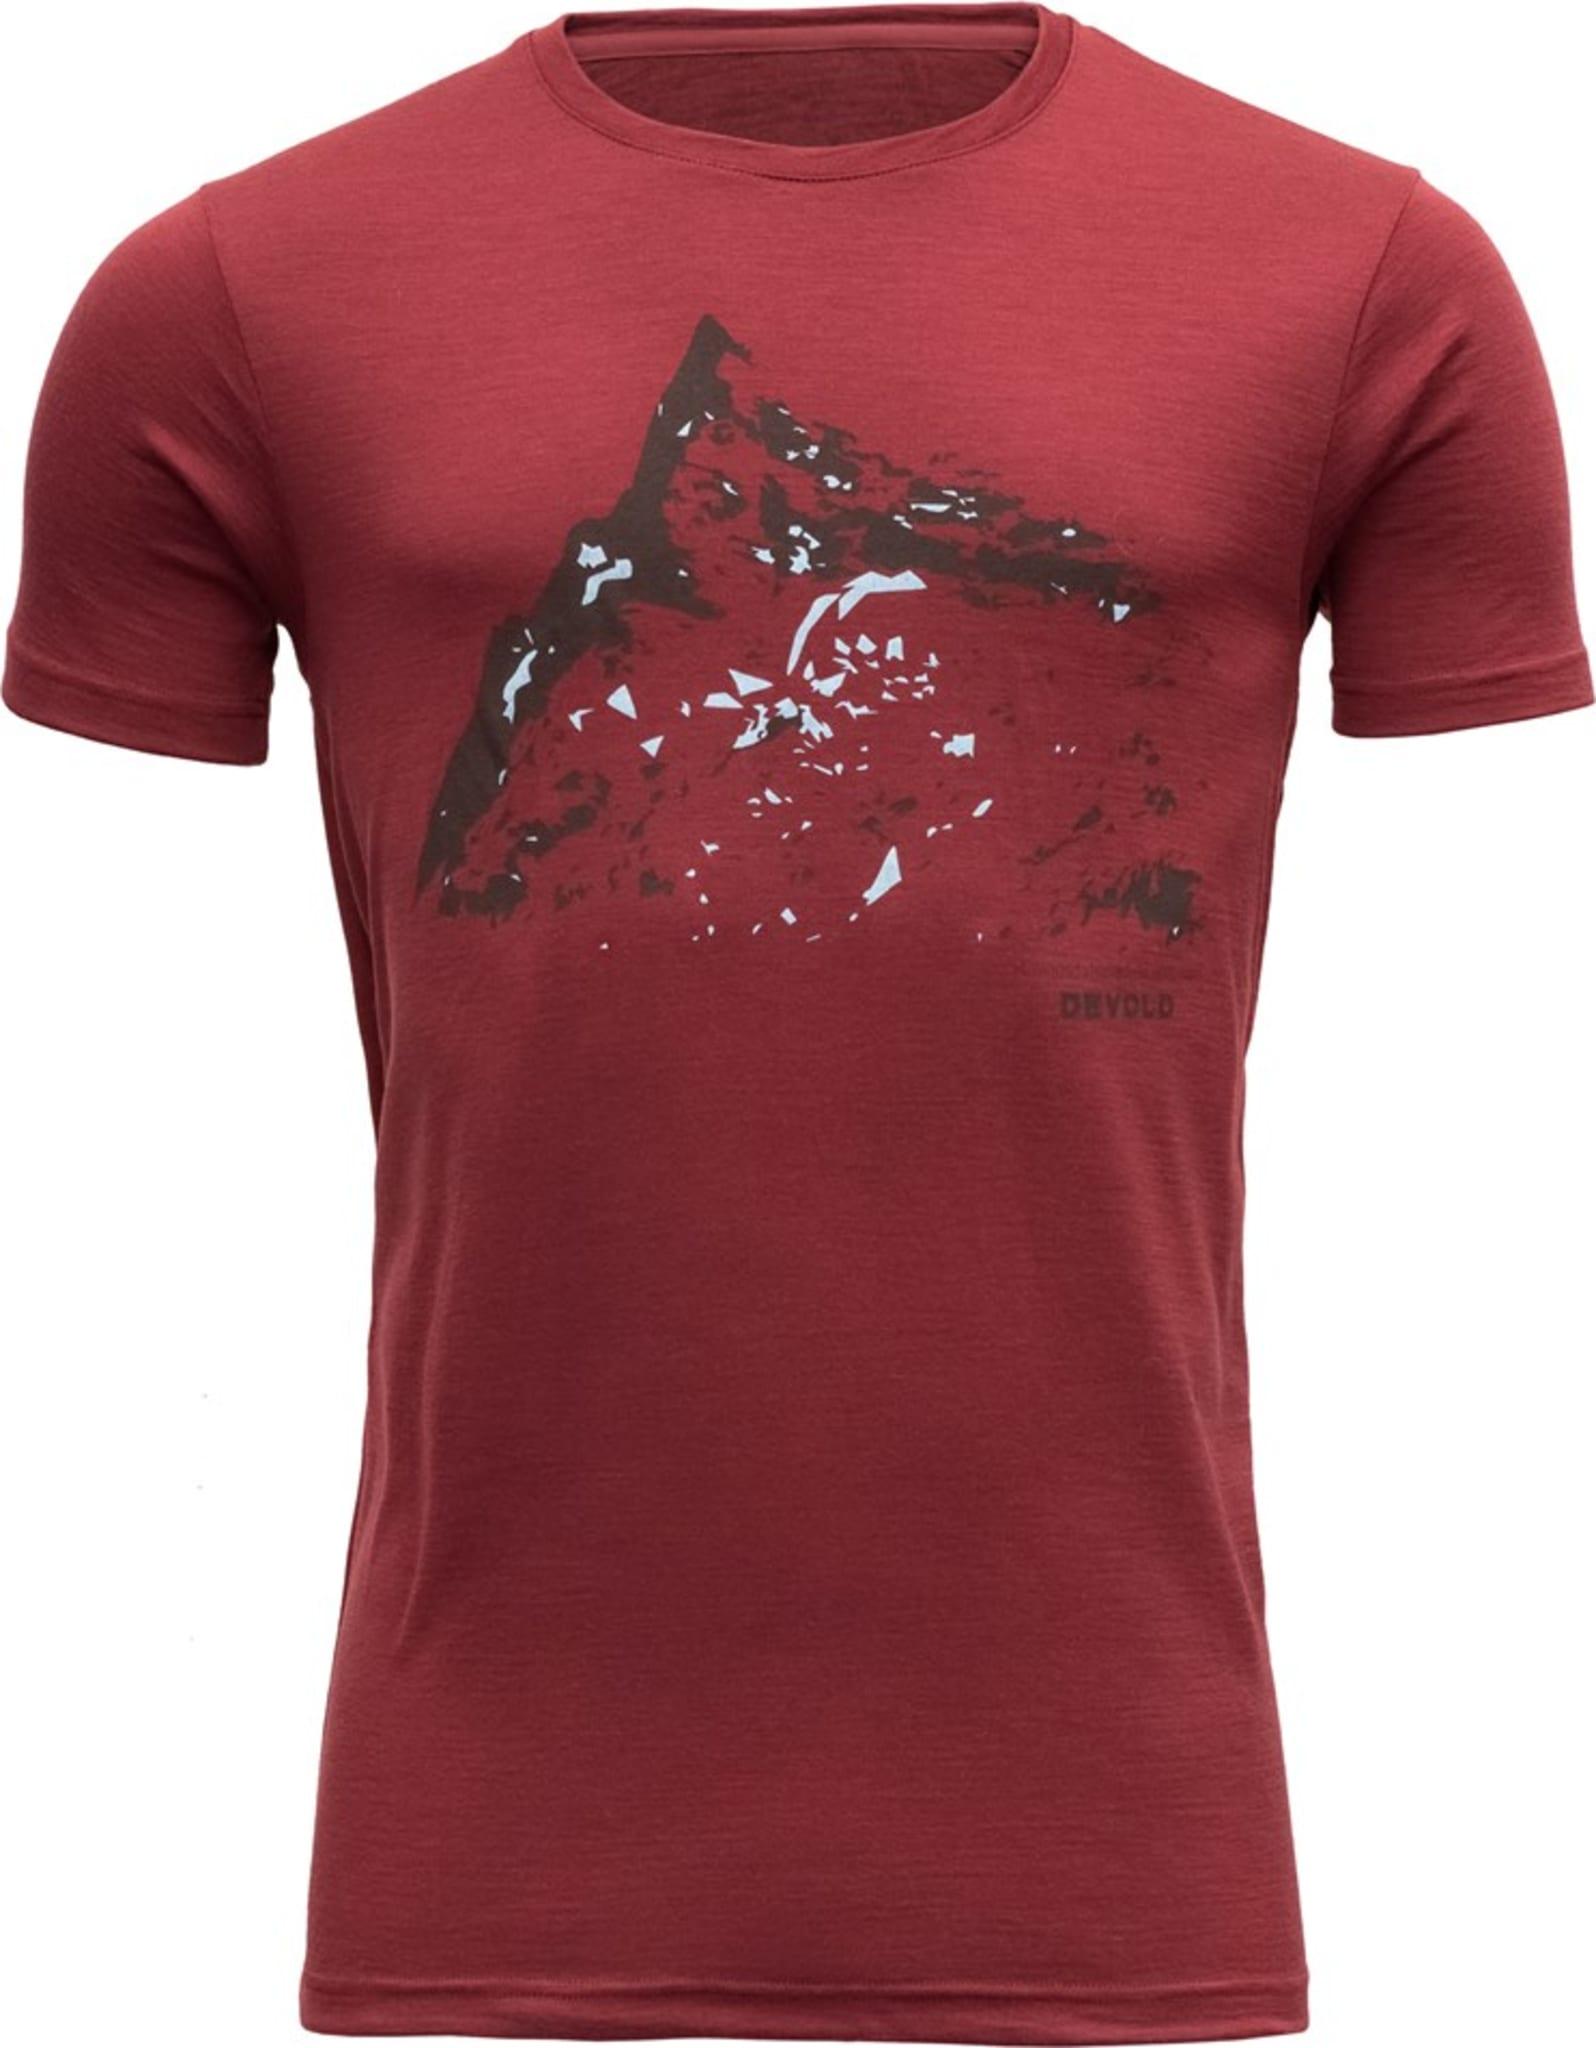 Myk t-skjorte med print i 100% merinoull